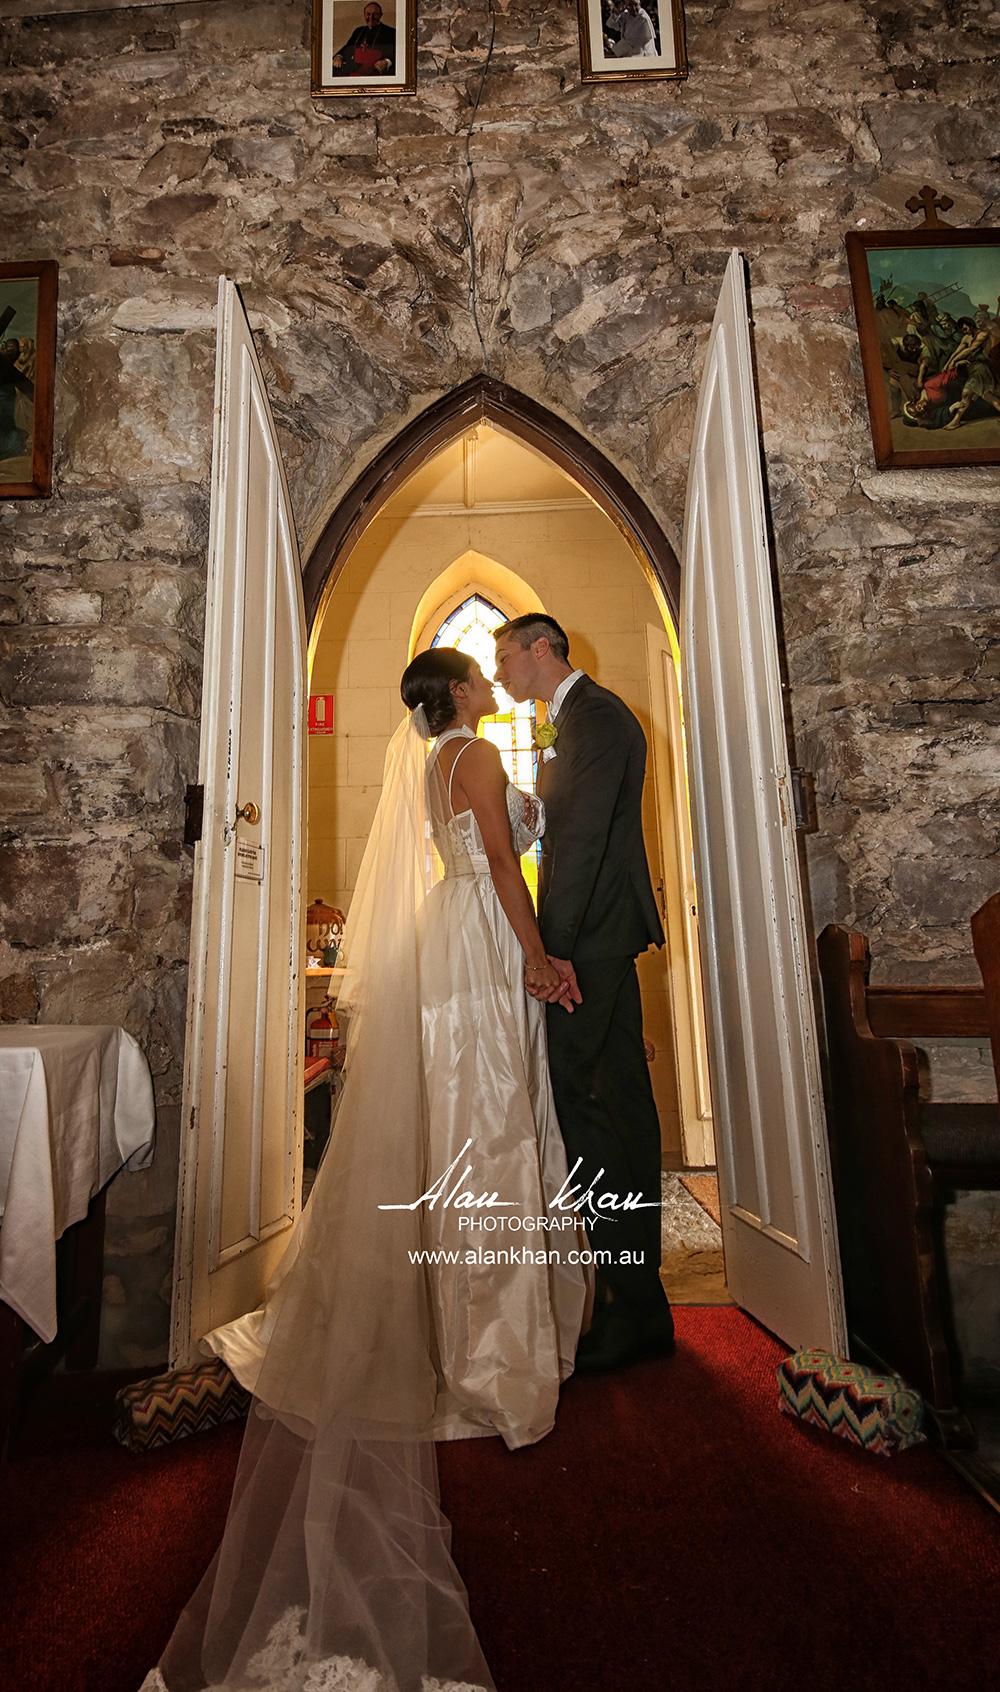 Ian lauren adelaide wedding 27th march 2016 wedding for Wedding photographer wanted